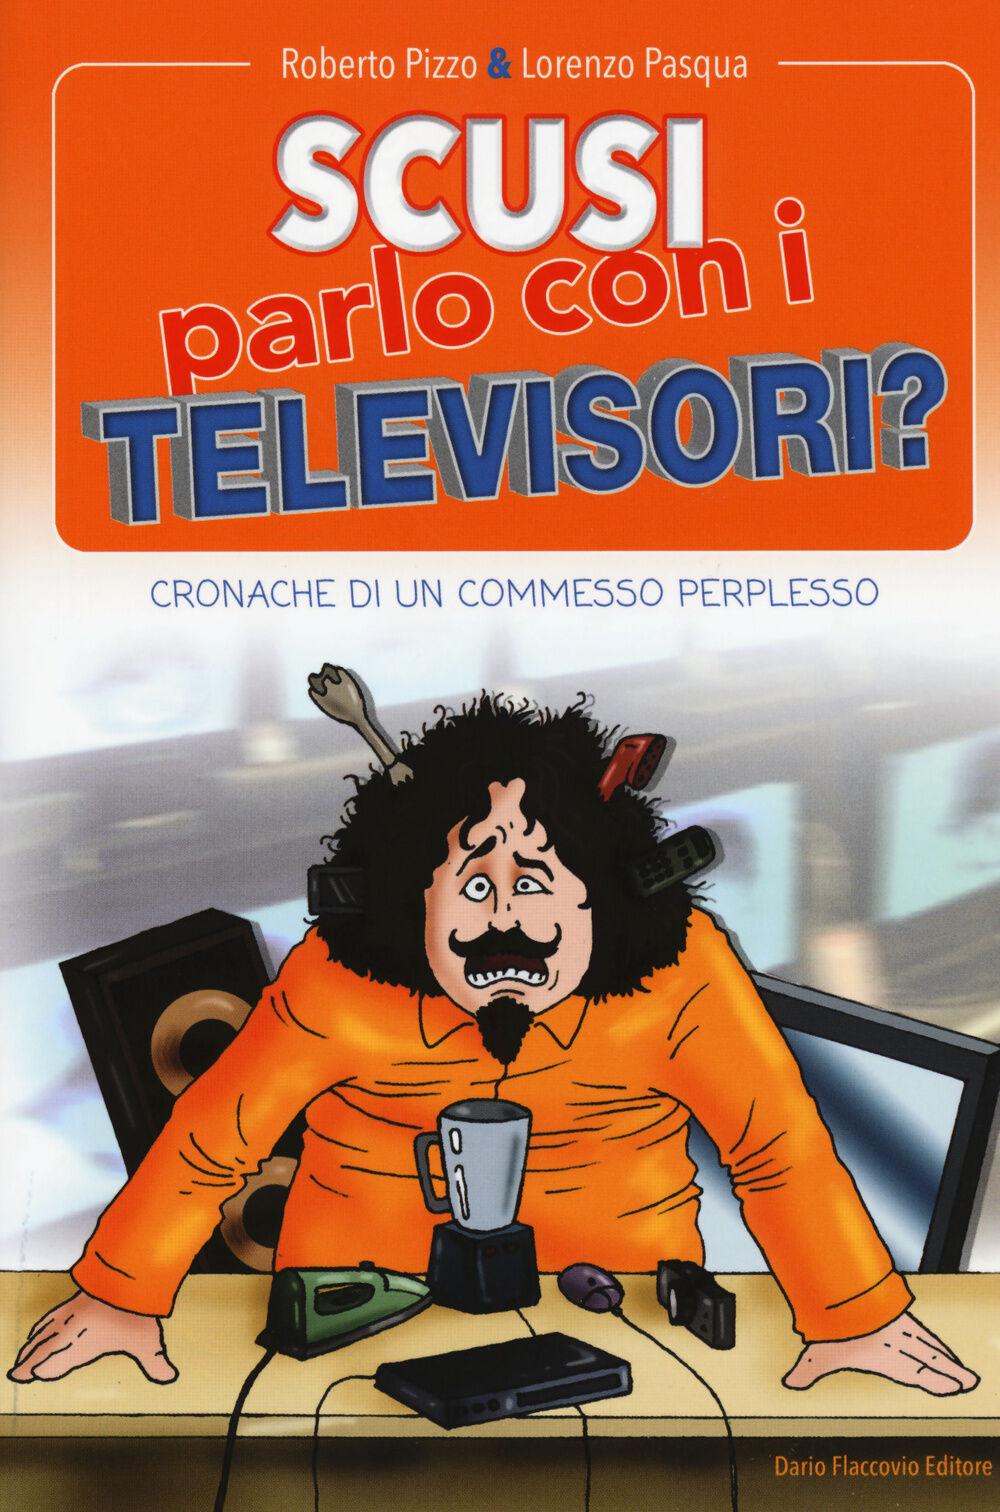 Scusi, parlo con i televisori? Cronache di un commesso perplesso